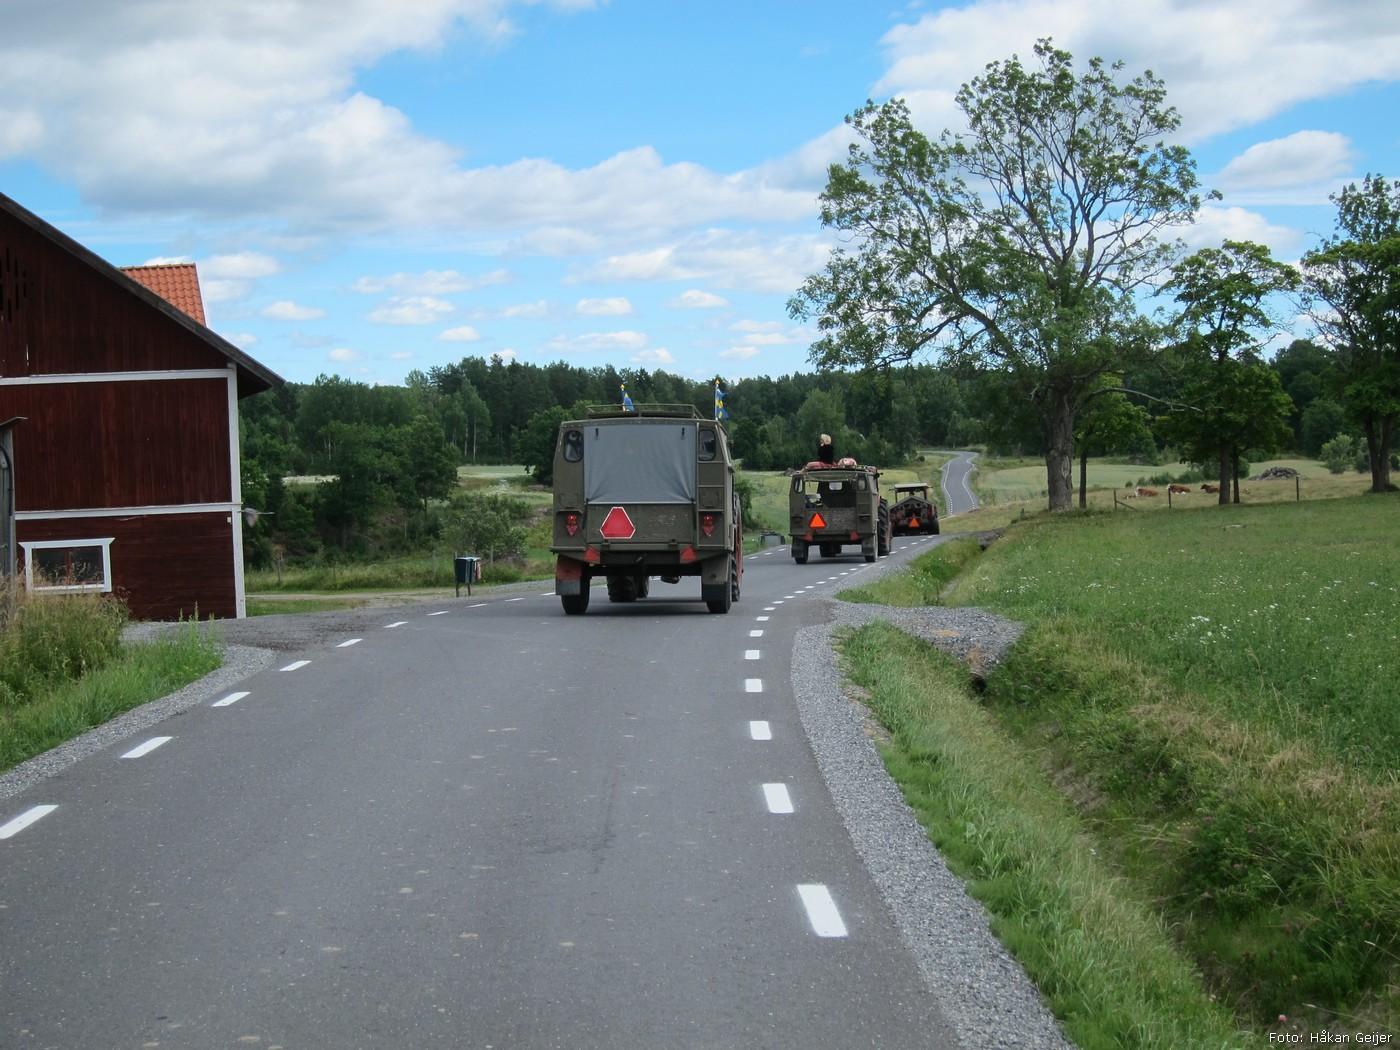 2013-07-20_031_Traktorresa